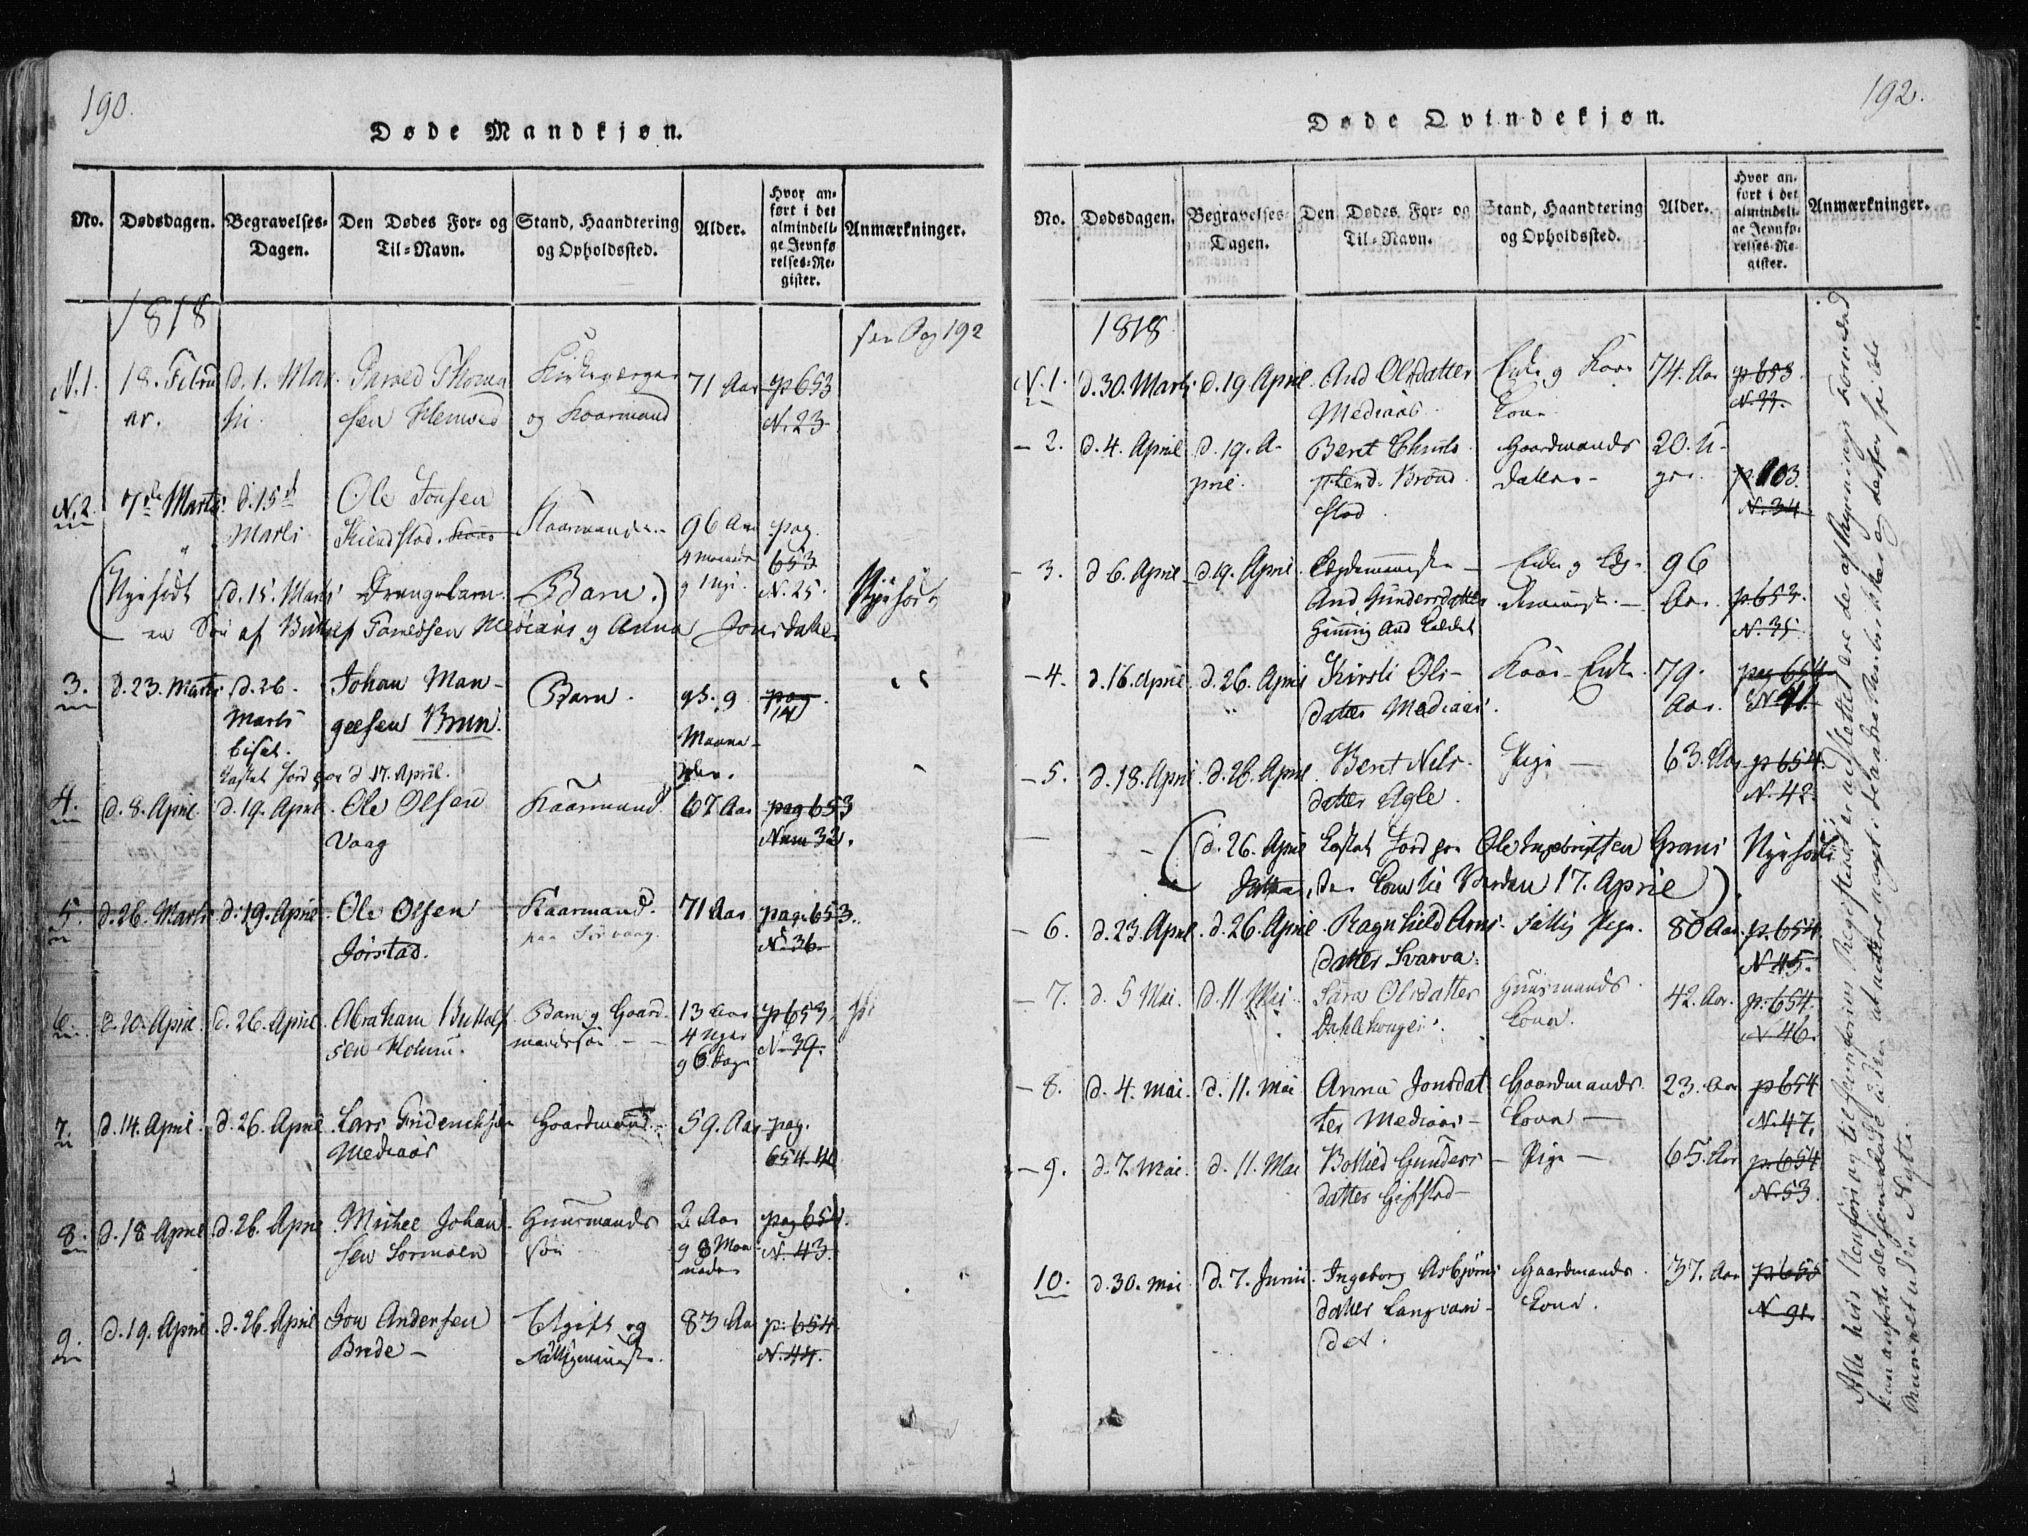 SAT, Ministerialprotokoller, klokkerbøker og fødselsregistre - Nord-Trøndelag, 749/L0469: Ministerialbok nr. 749A03, 1817-1857, s. 191-192